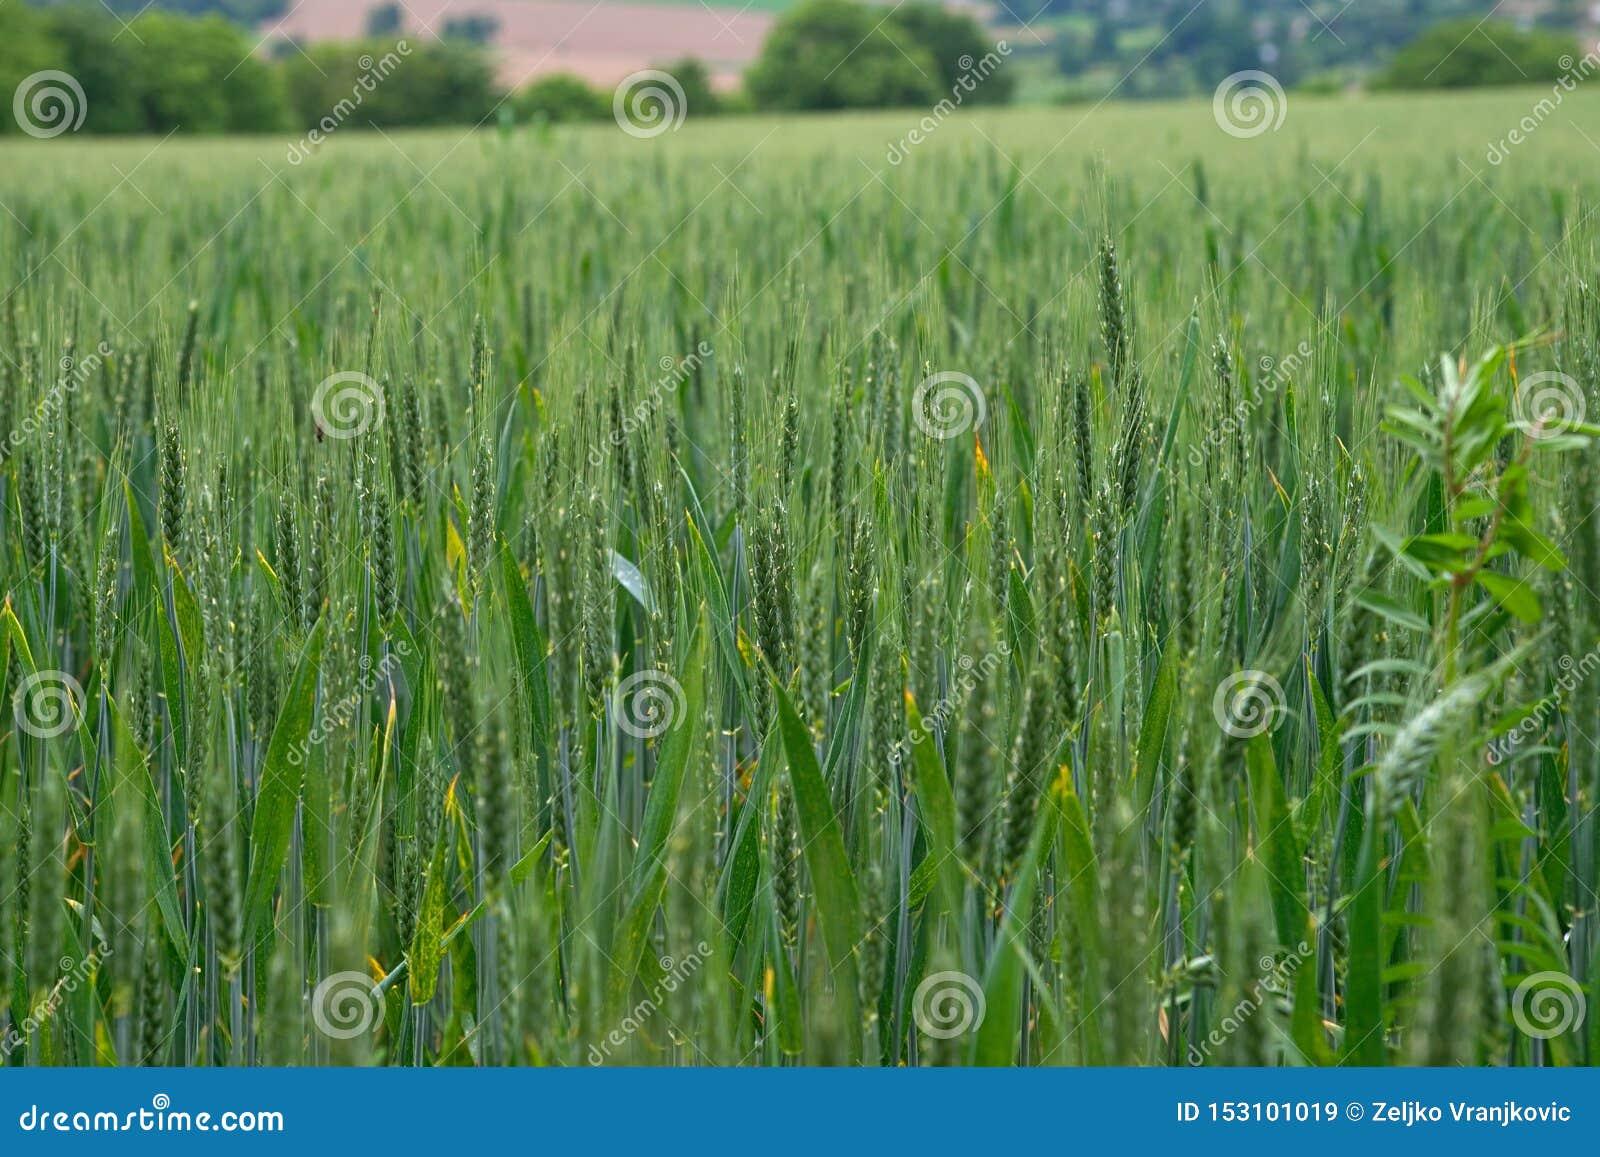 Nära övre sikt på vetefält på fridsam fransk bygd